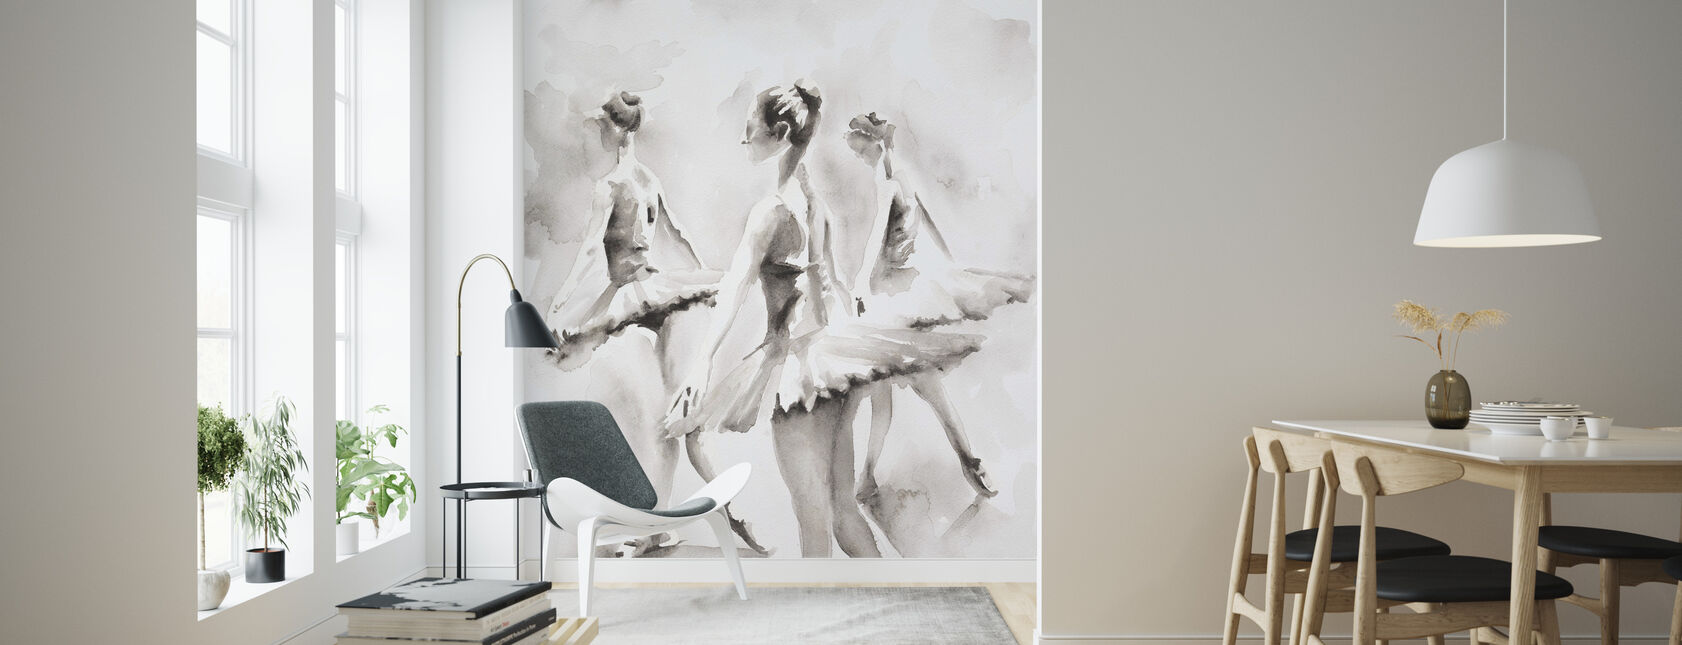 Three Ballerinas - Wallpaper - Living Room